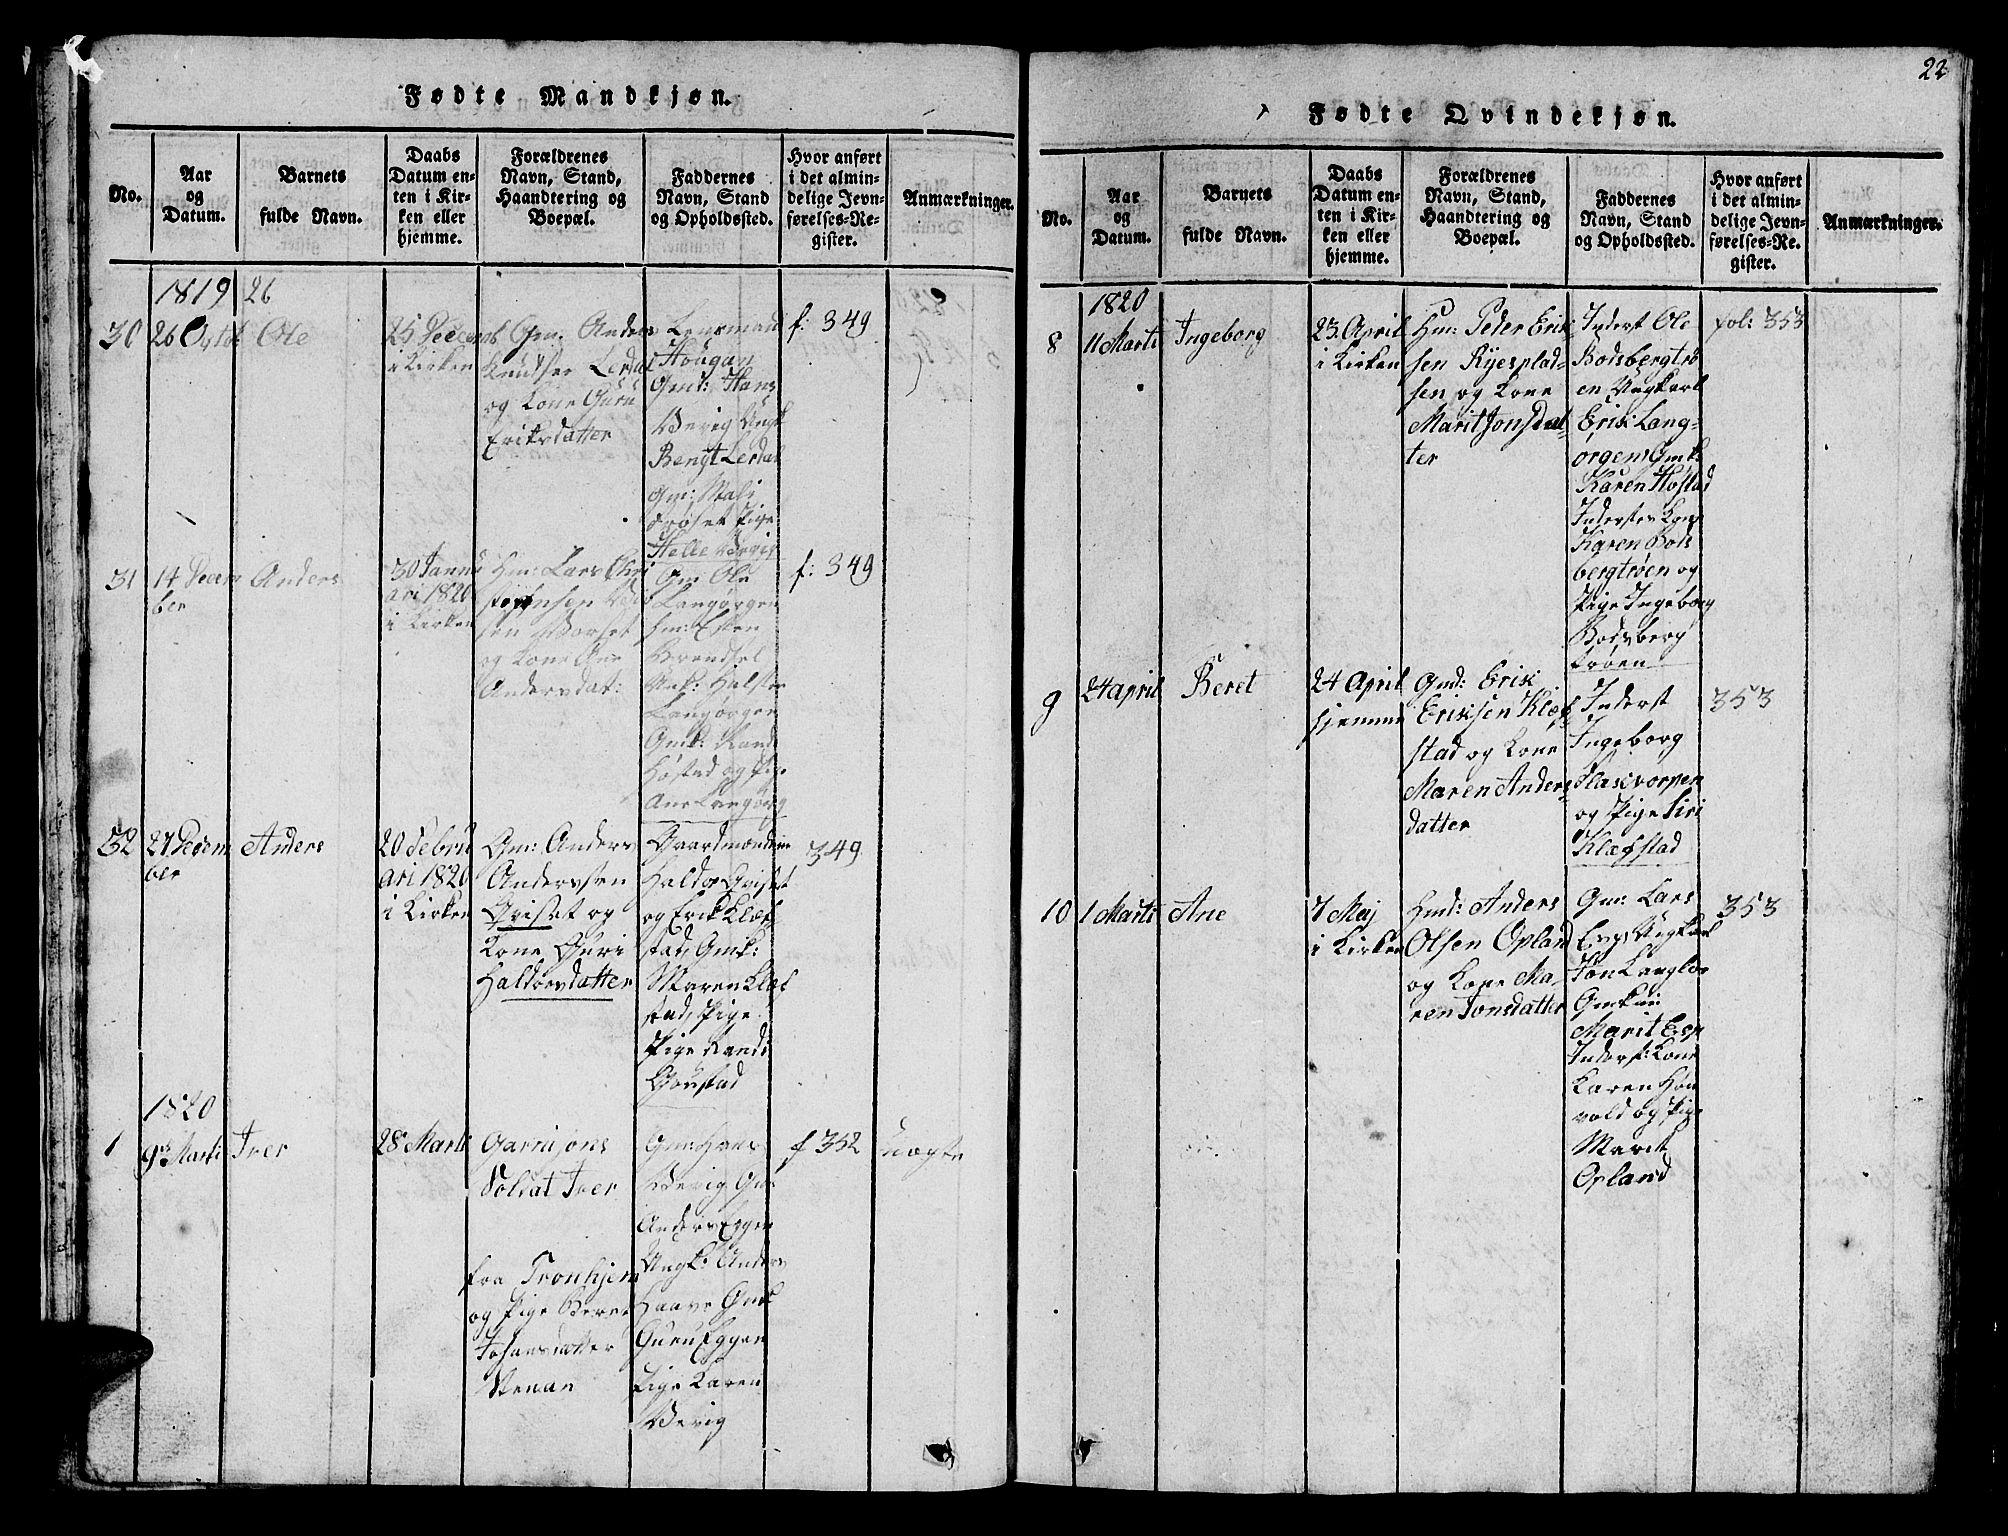 SAT, Ministerialprotokoller, klokkerbøker og fødselsregistre - Sør-Trøndelag, 612/L0385: Klokkerbok nr. 612C01, 1816-1845, s. 22